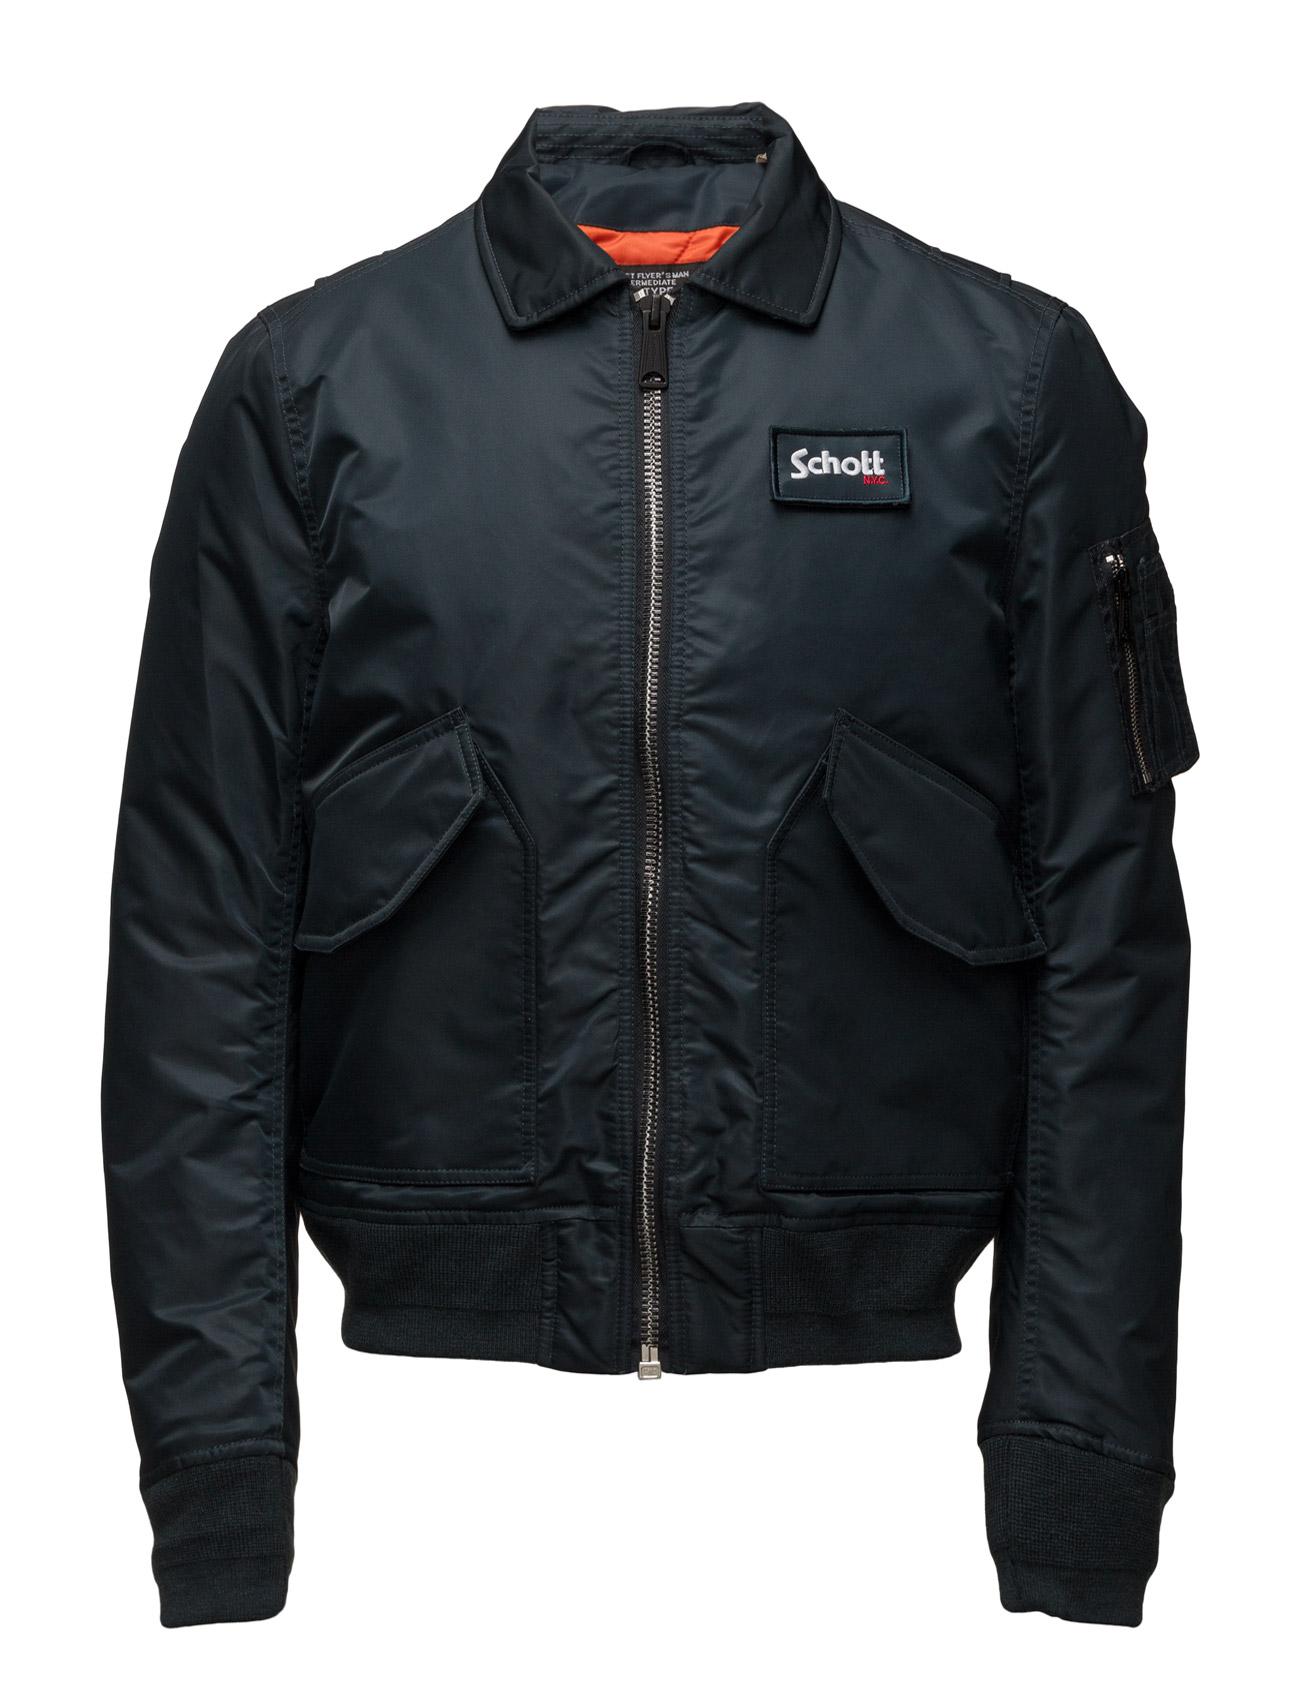 schott – Sc 210-100 jacket på boozt.com dk